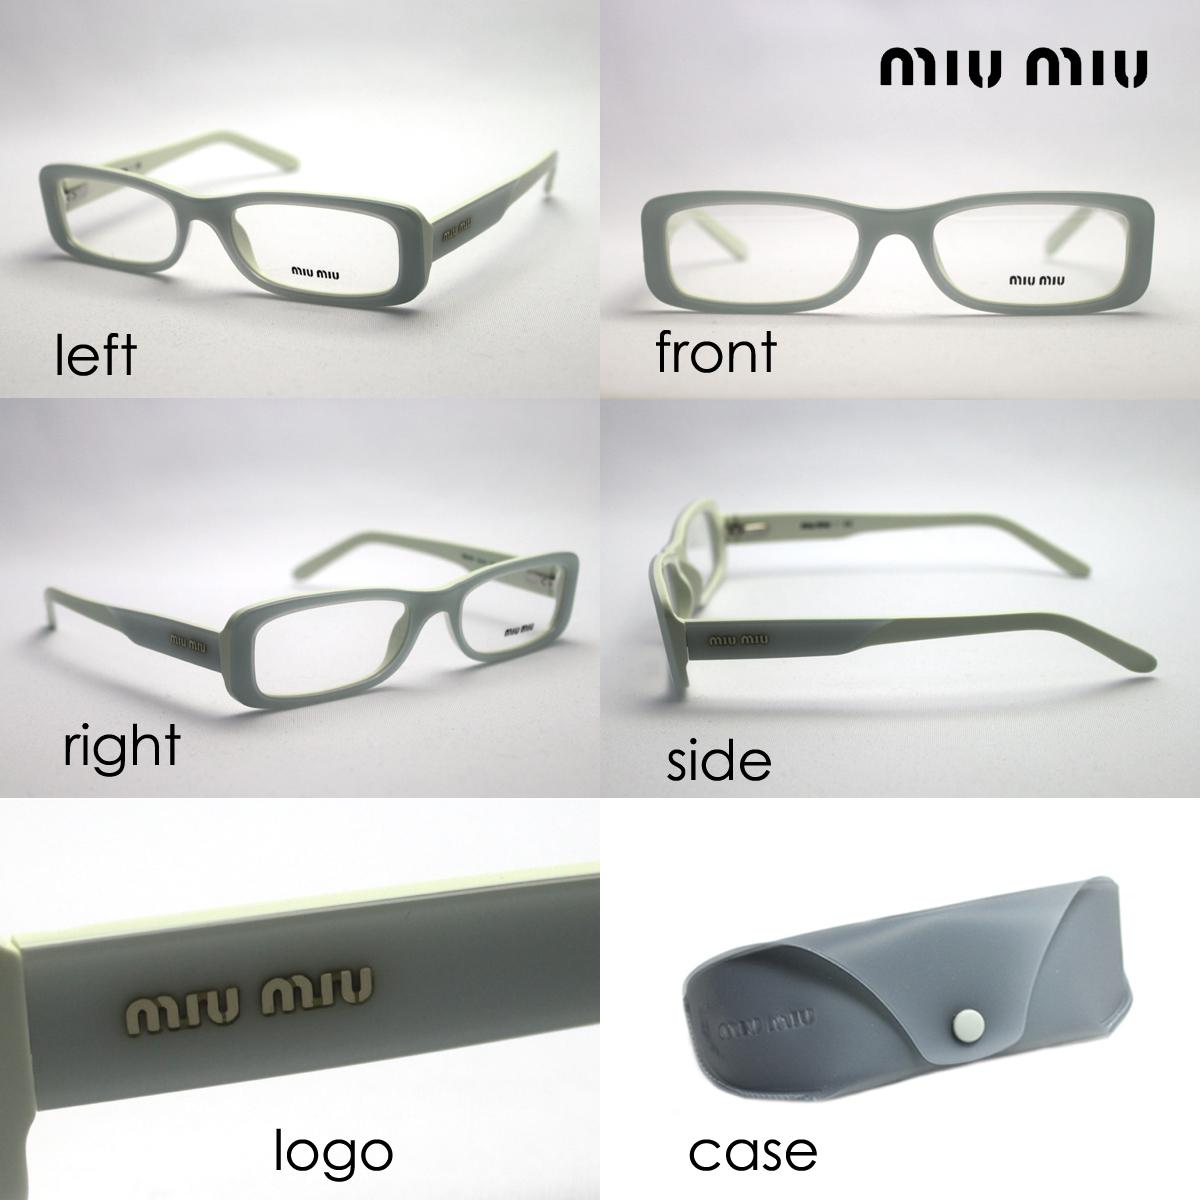 ae0d60331f7 miumiu Miu Miu glasses MU13FV7SO1O1 (W51mm) NEW ARRIVAL glassmania  eyeglasses frame glasses ITA glasses spectacles